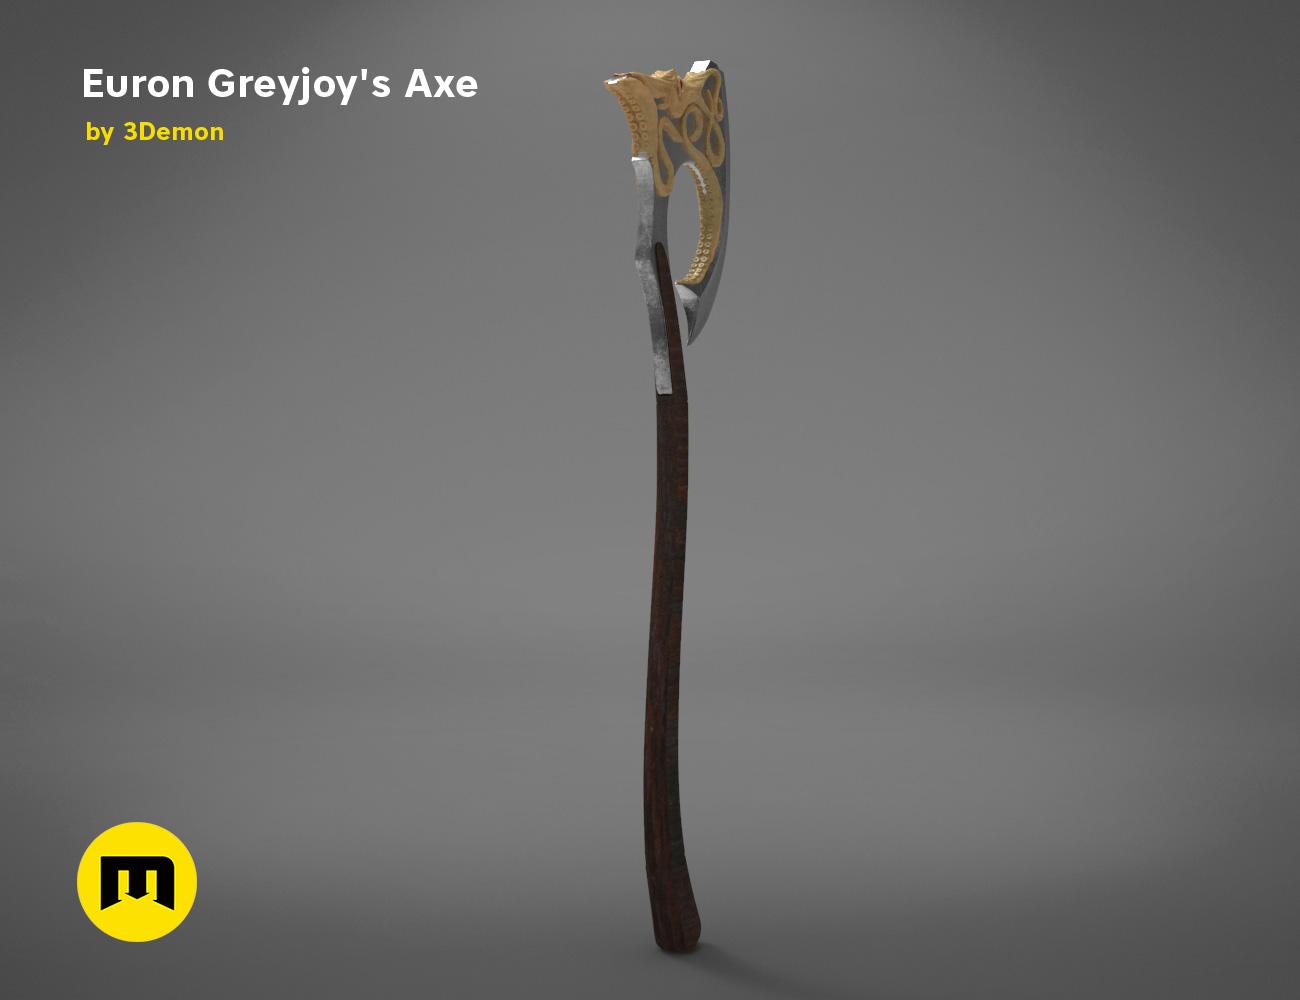 axe-gameofthrones-render.975.jpg Download OBJ file Euron Greyjoy's Axe • 3D printable object, 3D-mon